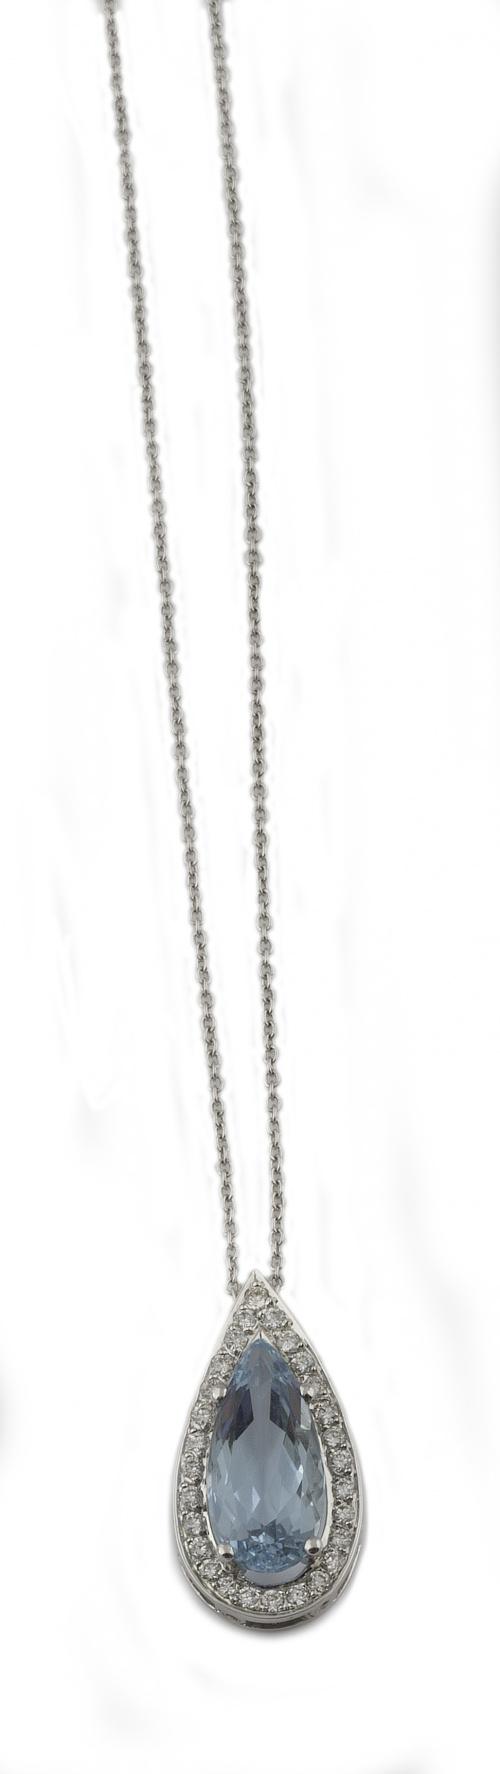 Colgante con aguamarilna talla perilla de 2,65 ct. orlada d